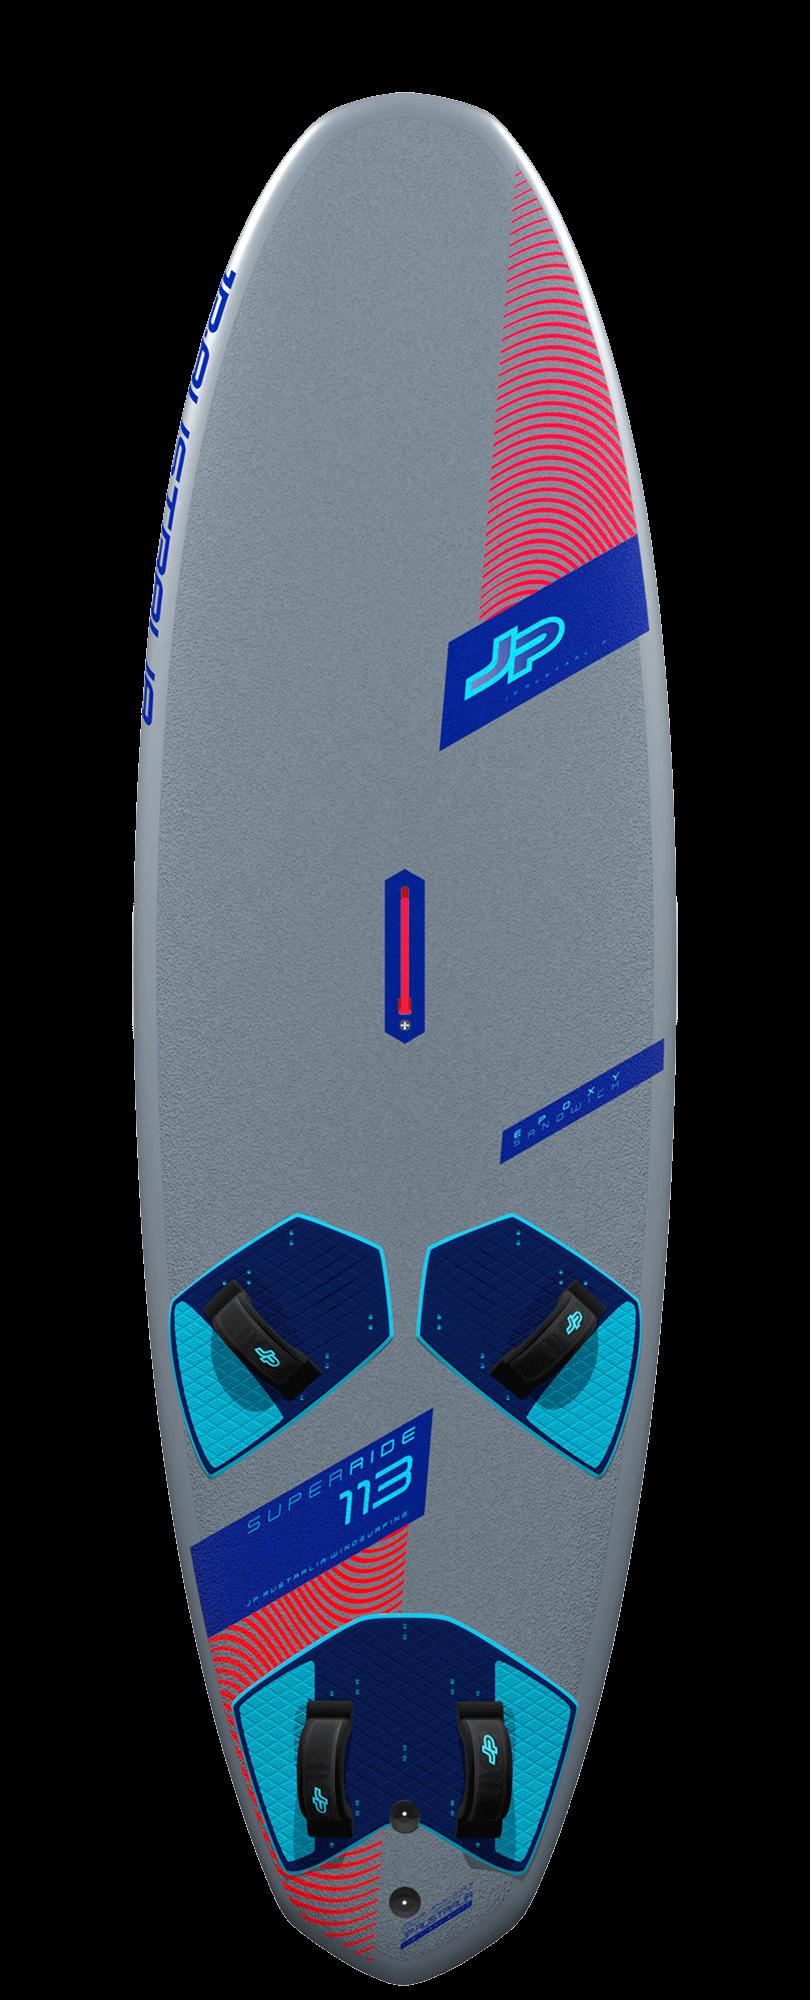 JP Super Ride ES 2021